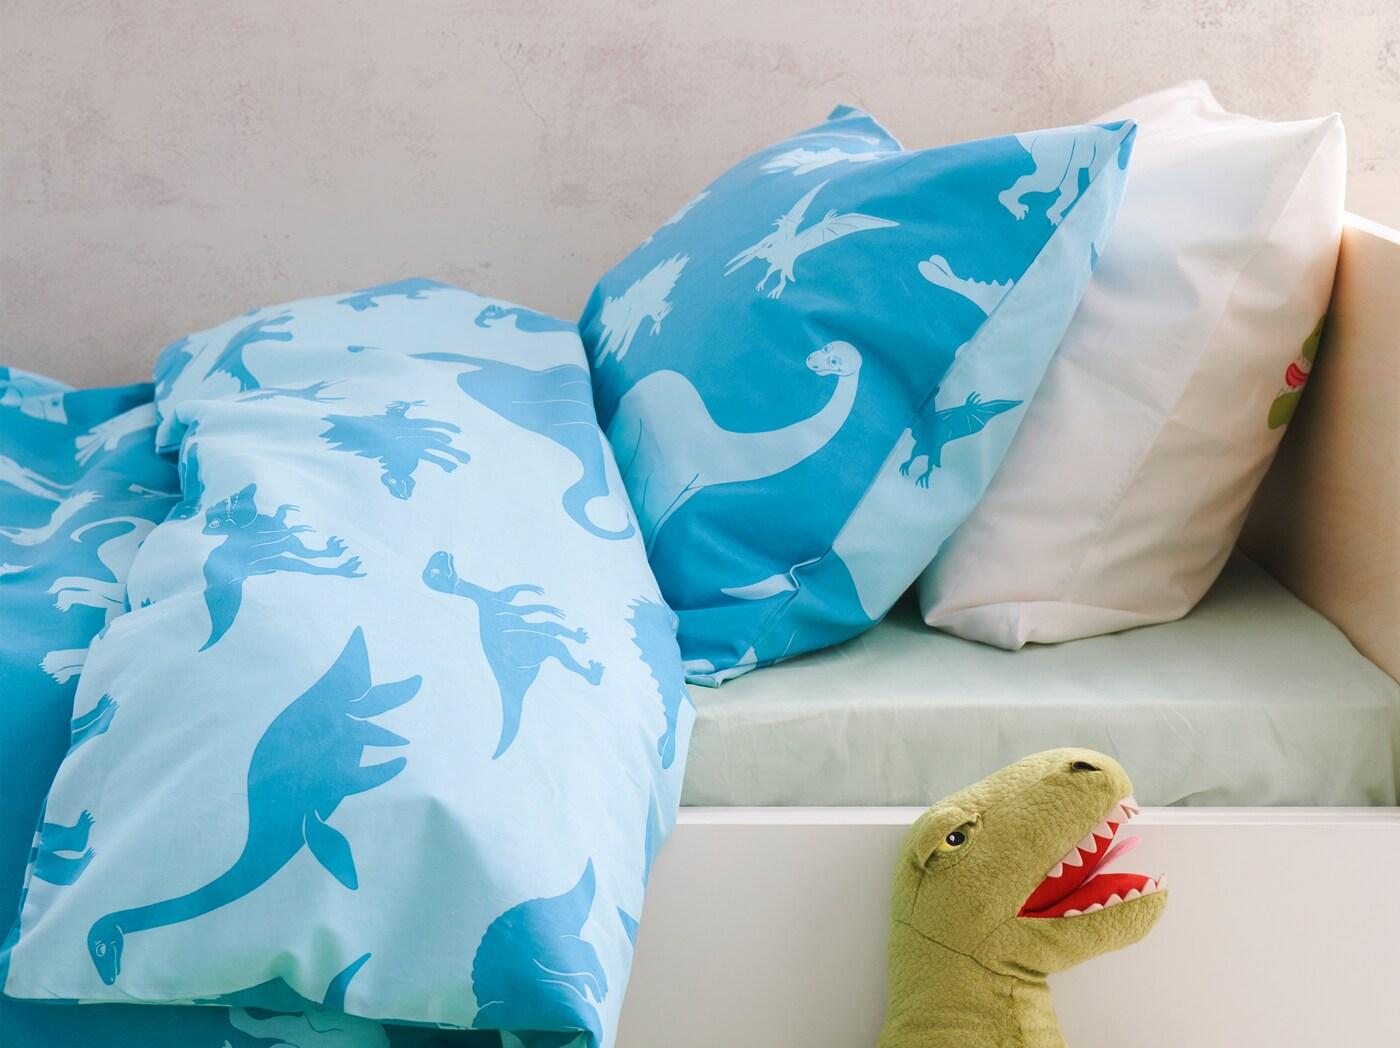 Povlečení JÄTTELIK s motivy dinosaurů na dětské posteli, vedle postele je plyšový dinosaurus